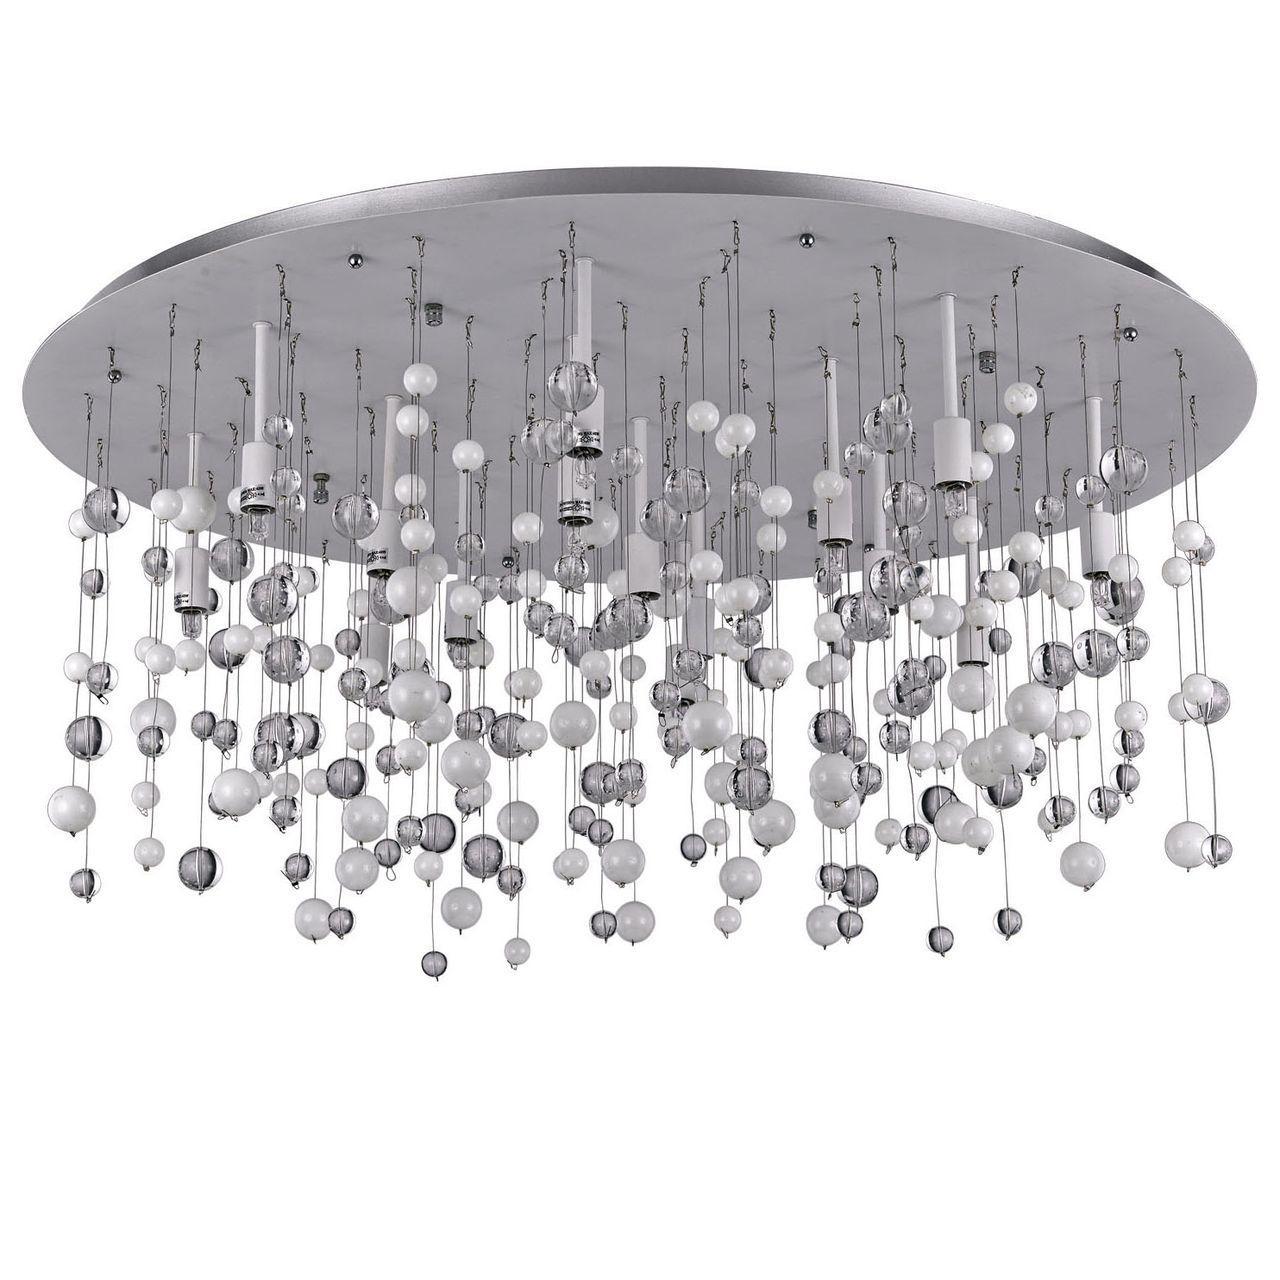 Купить Потолочный светильник Ideal Lux Neve PL Bianco в интернет магазине дизайнерской мебели и аксессуаров для дома и дачи